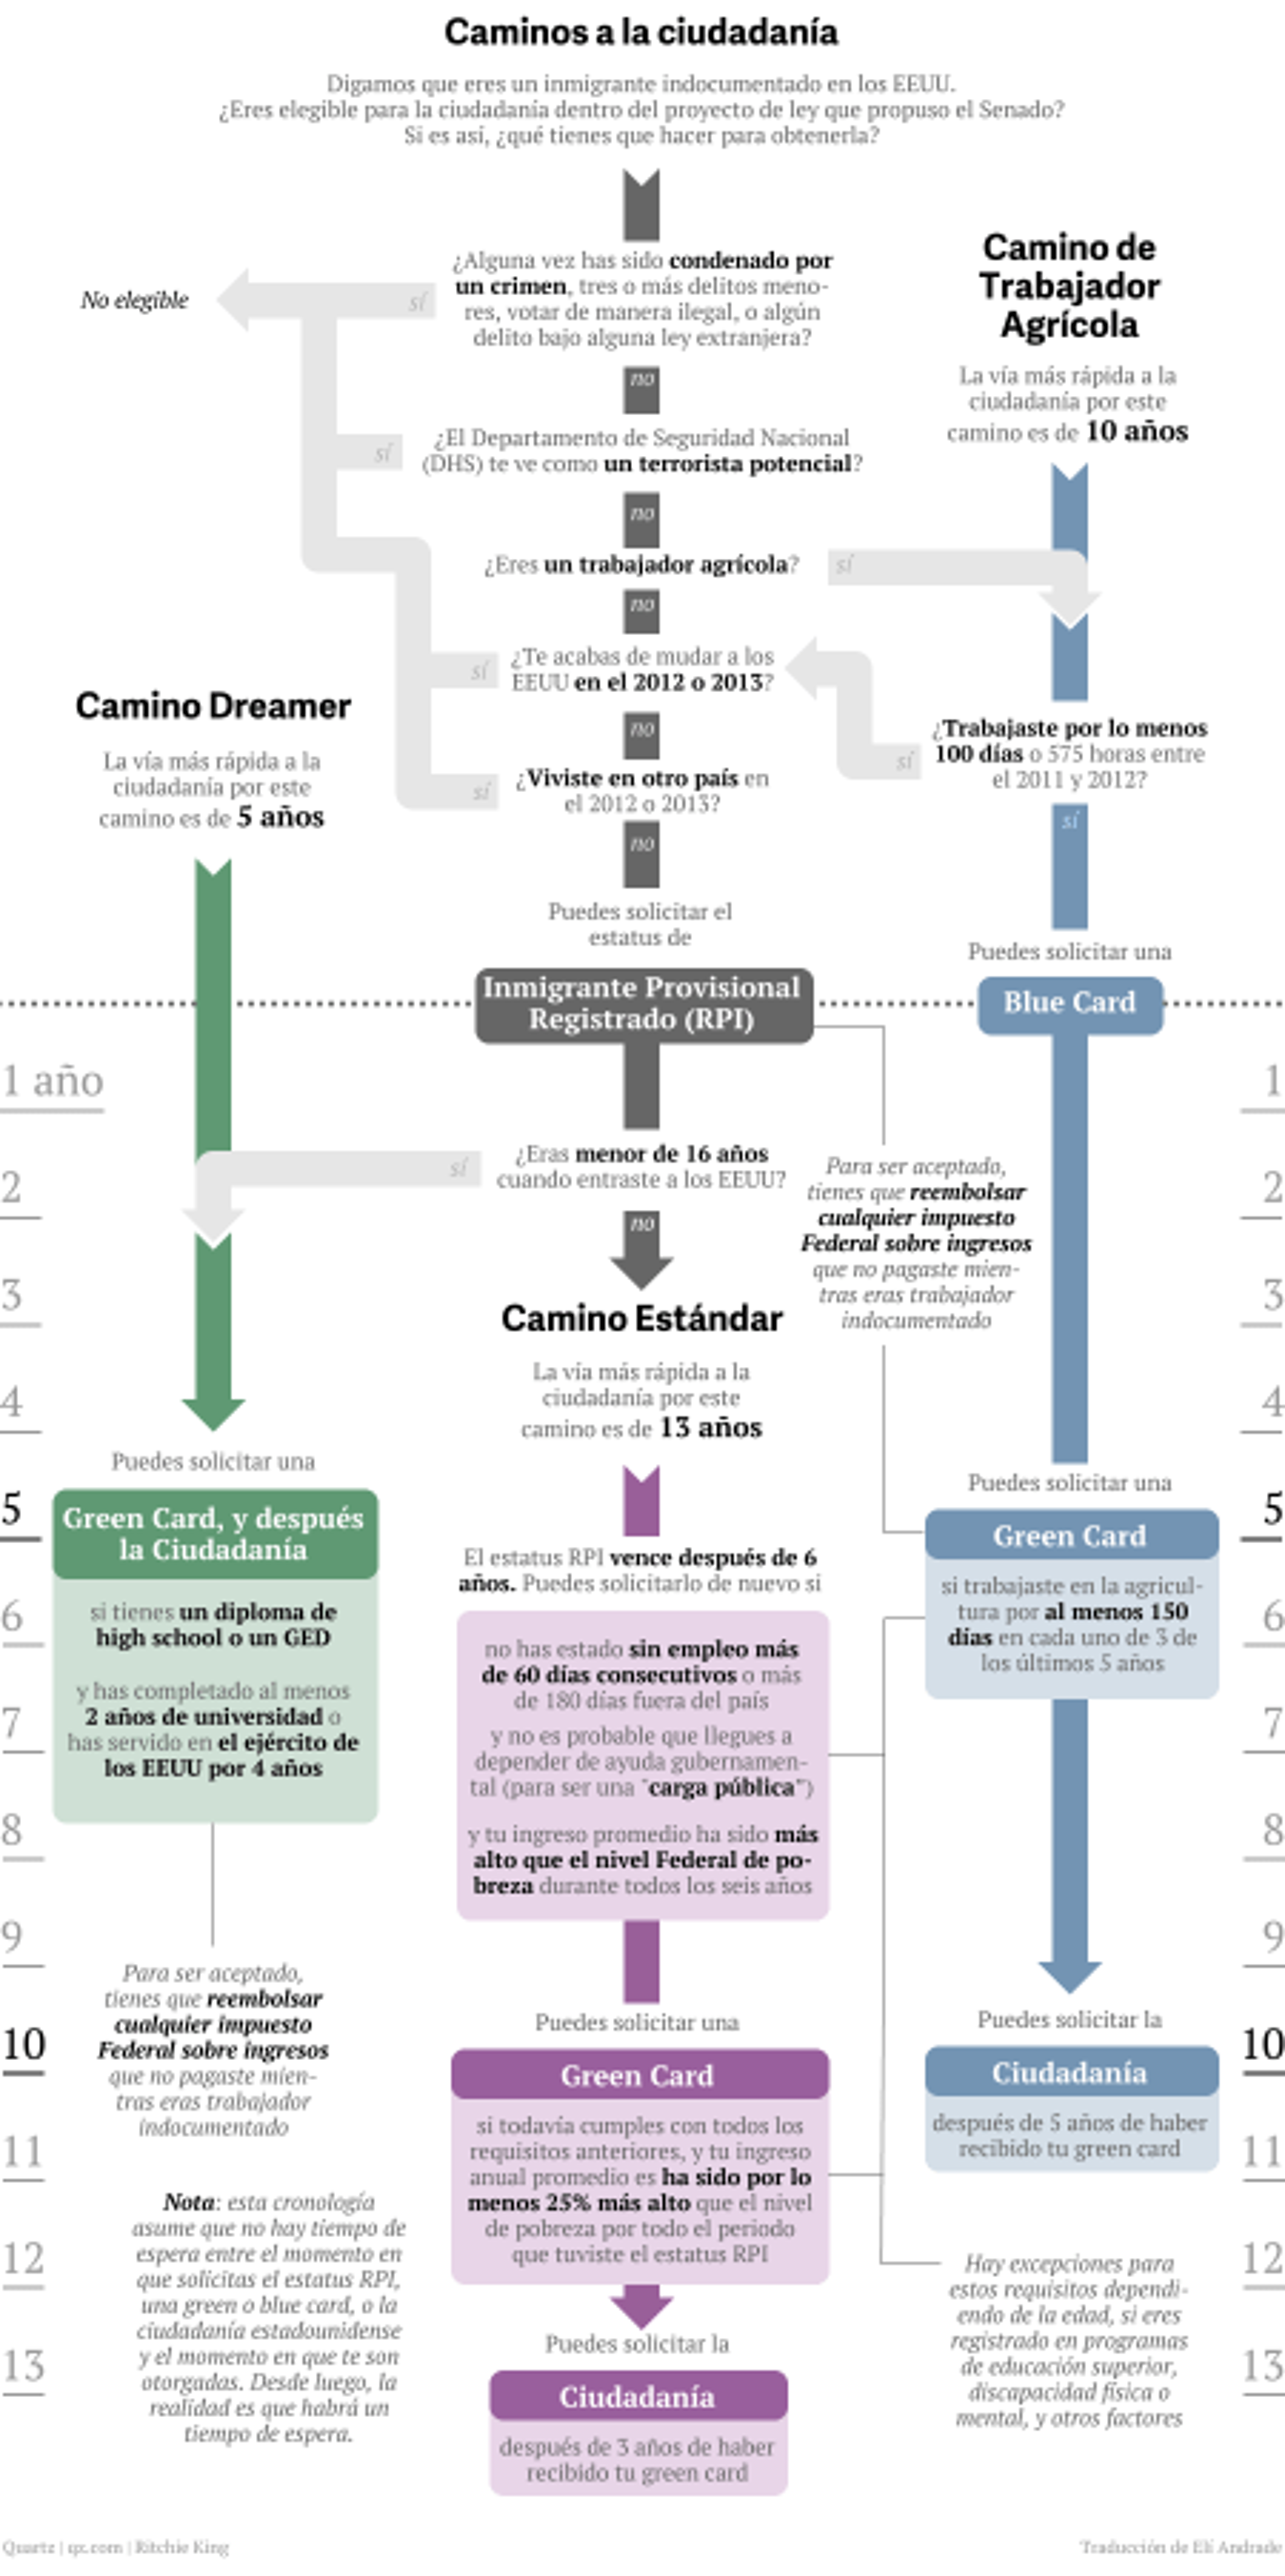 Todos los caminos para la ciudadanía estadounidense que vienen en la propuesta de ley de inmigración del Senado